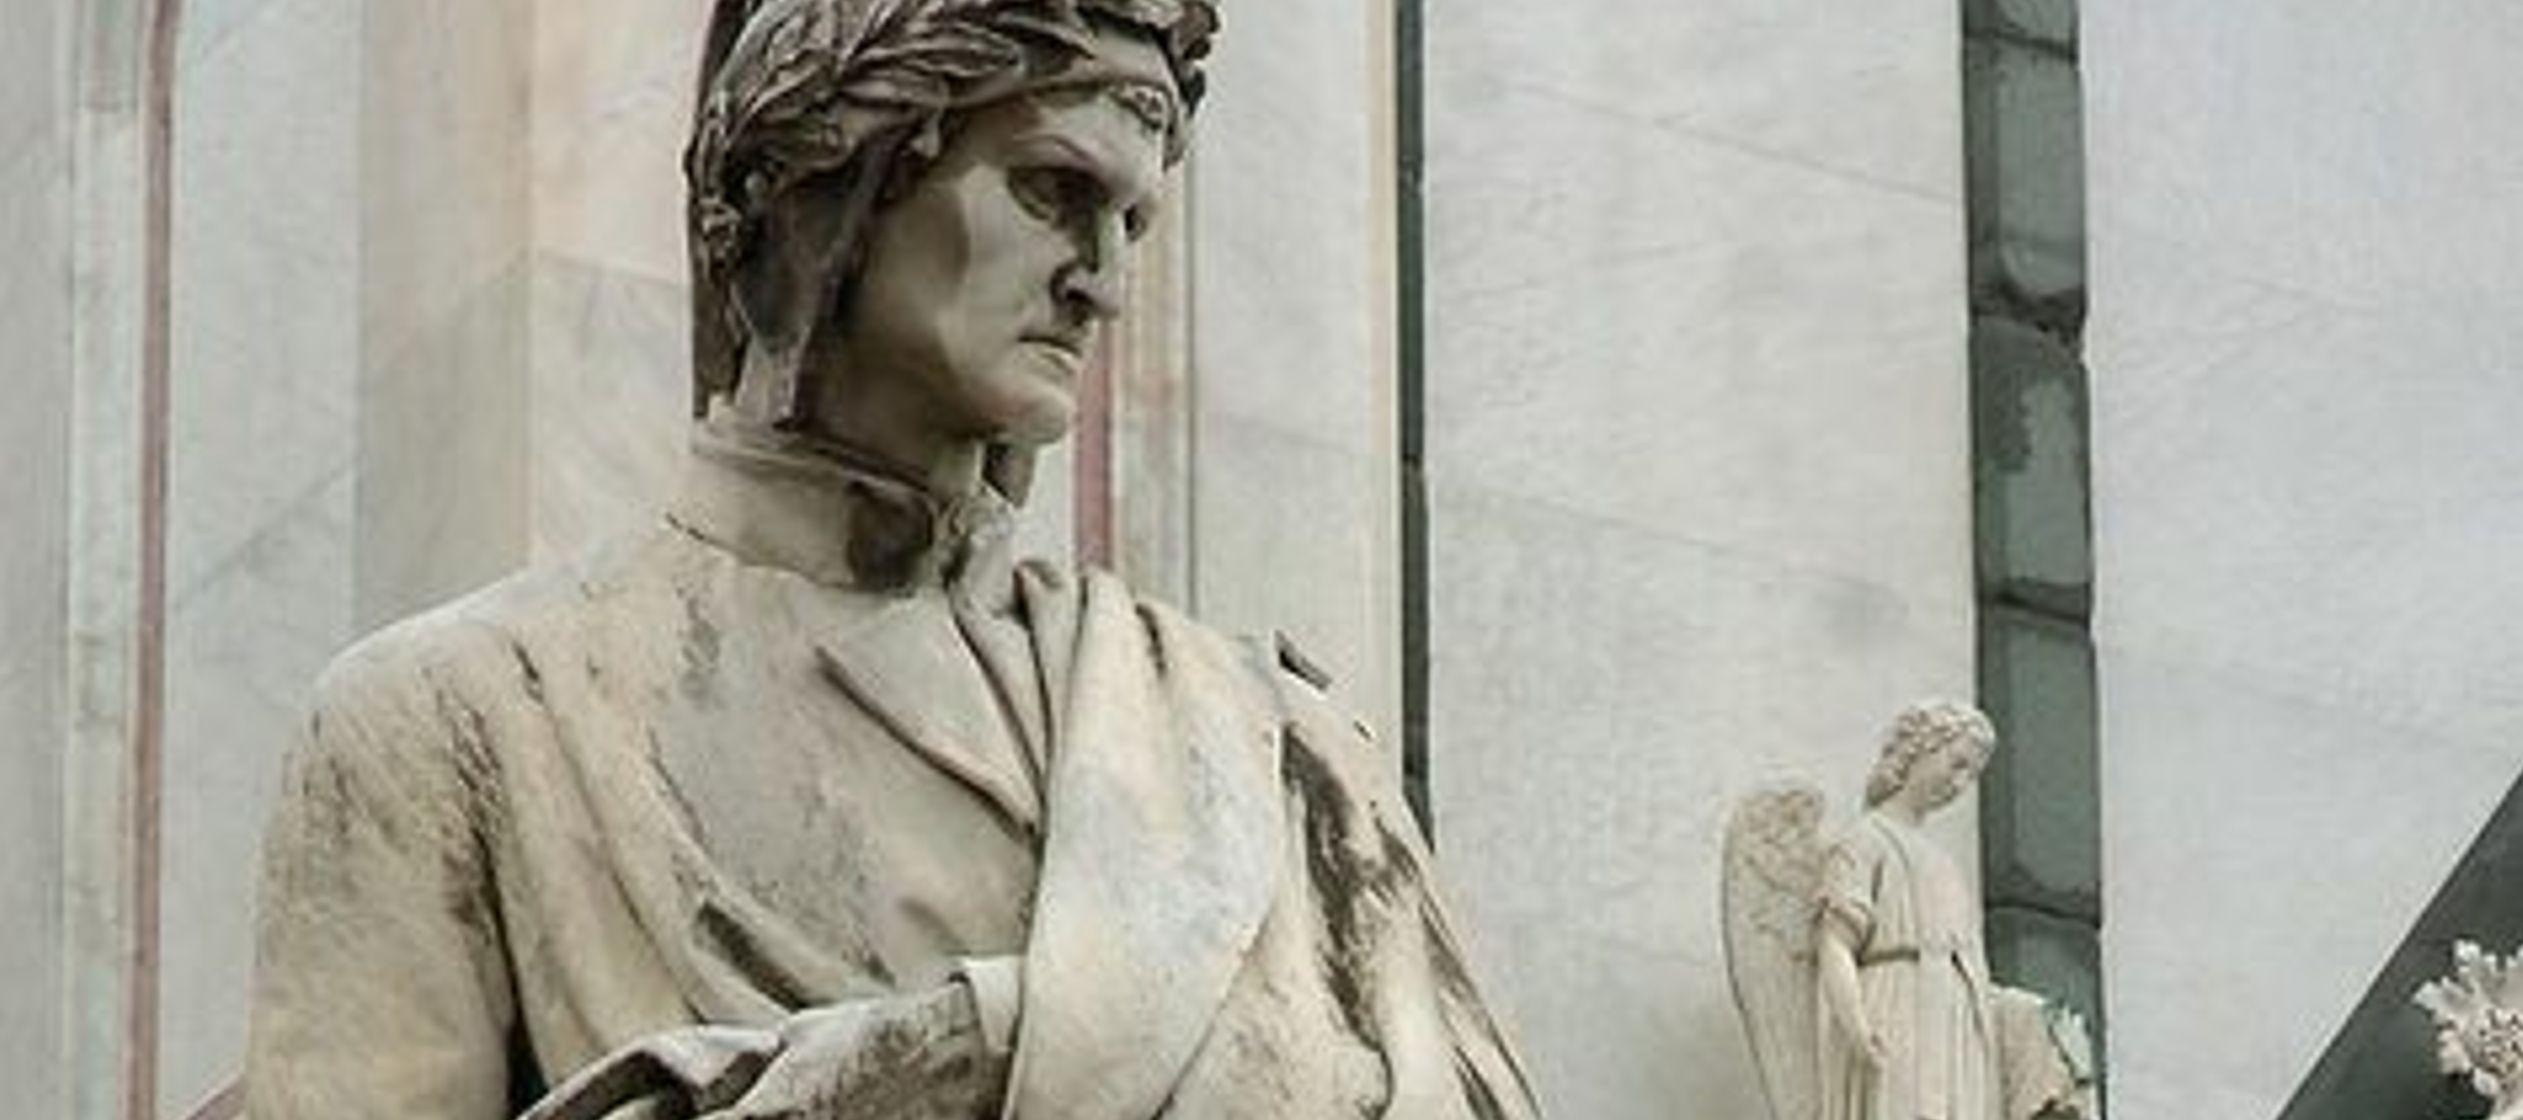 Una misiva muy delicada, para la cual Cangrande habría usado a Dante, quien lo elogió...